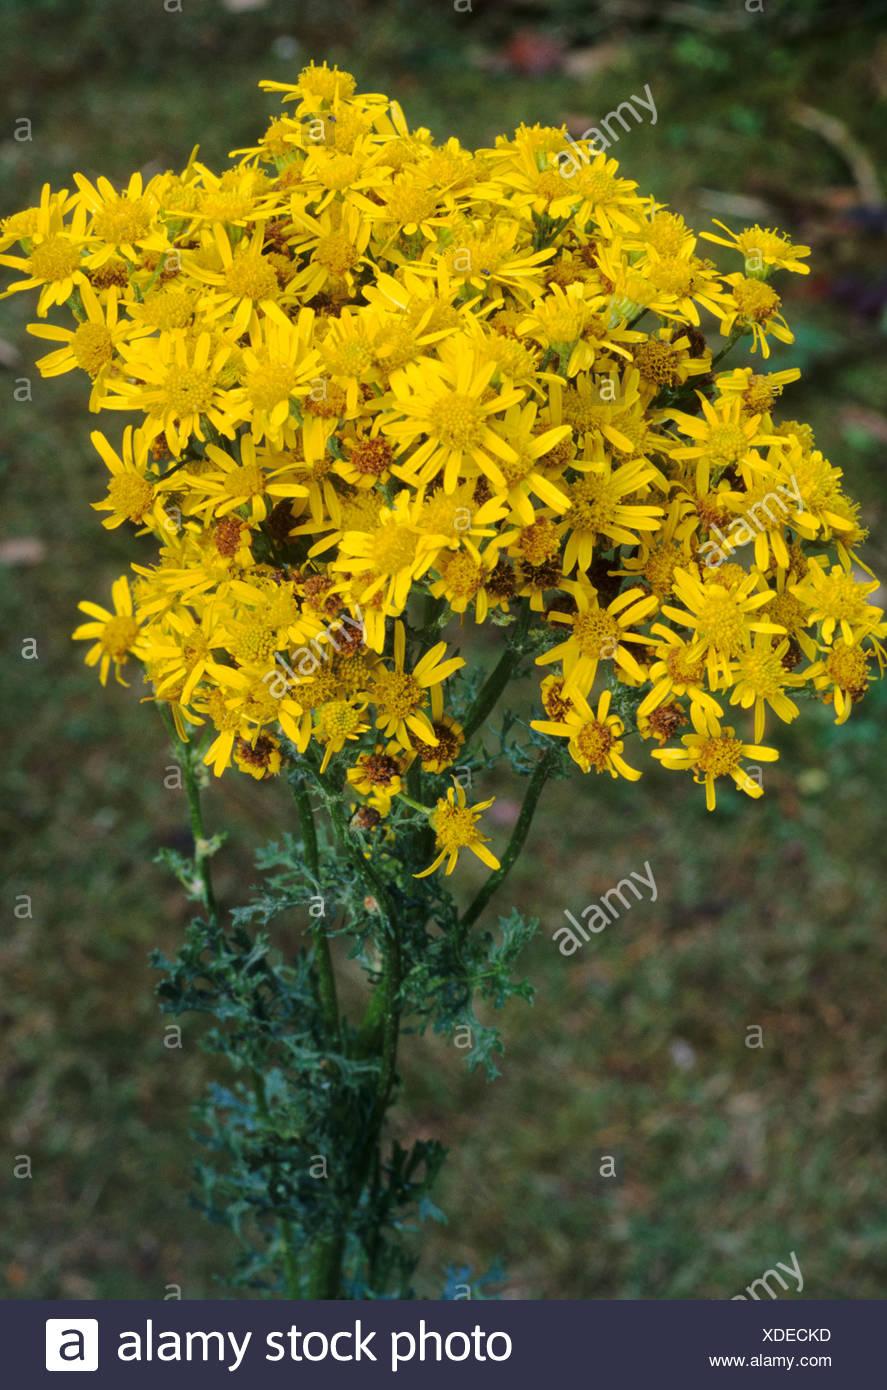 Common Ragwort Senecio Jacobaea Yellow Flower Flowers Poisonous